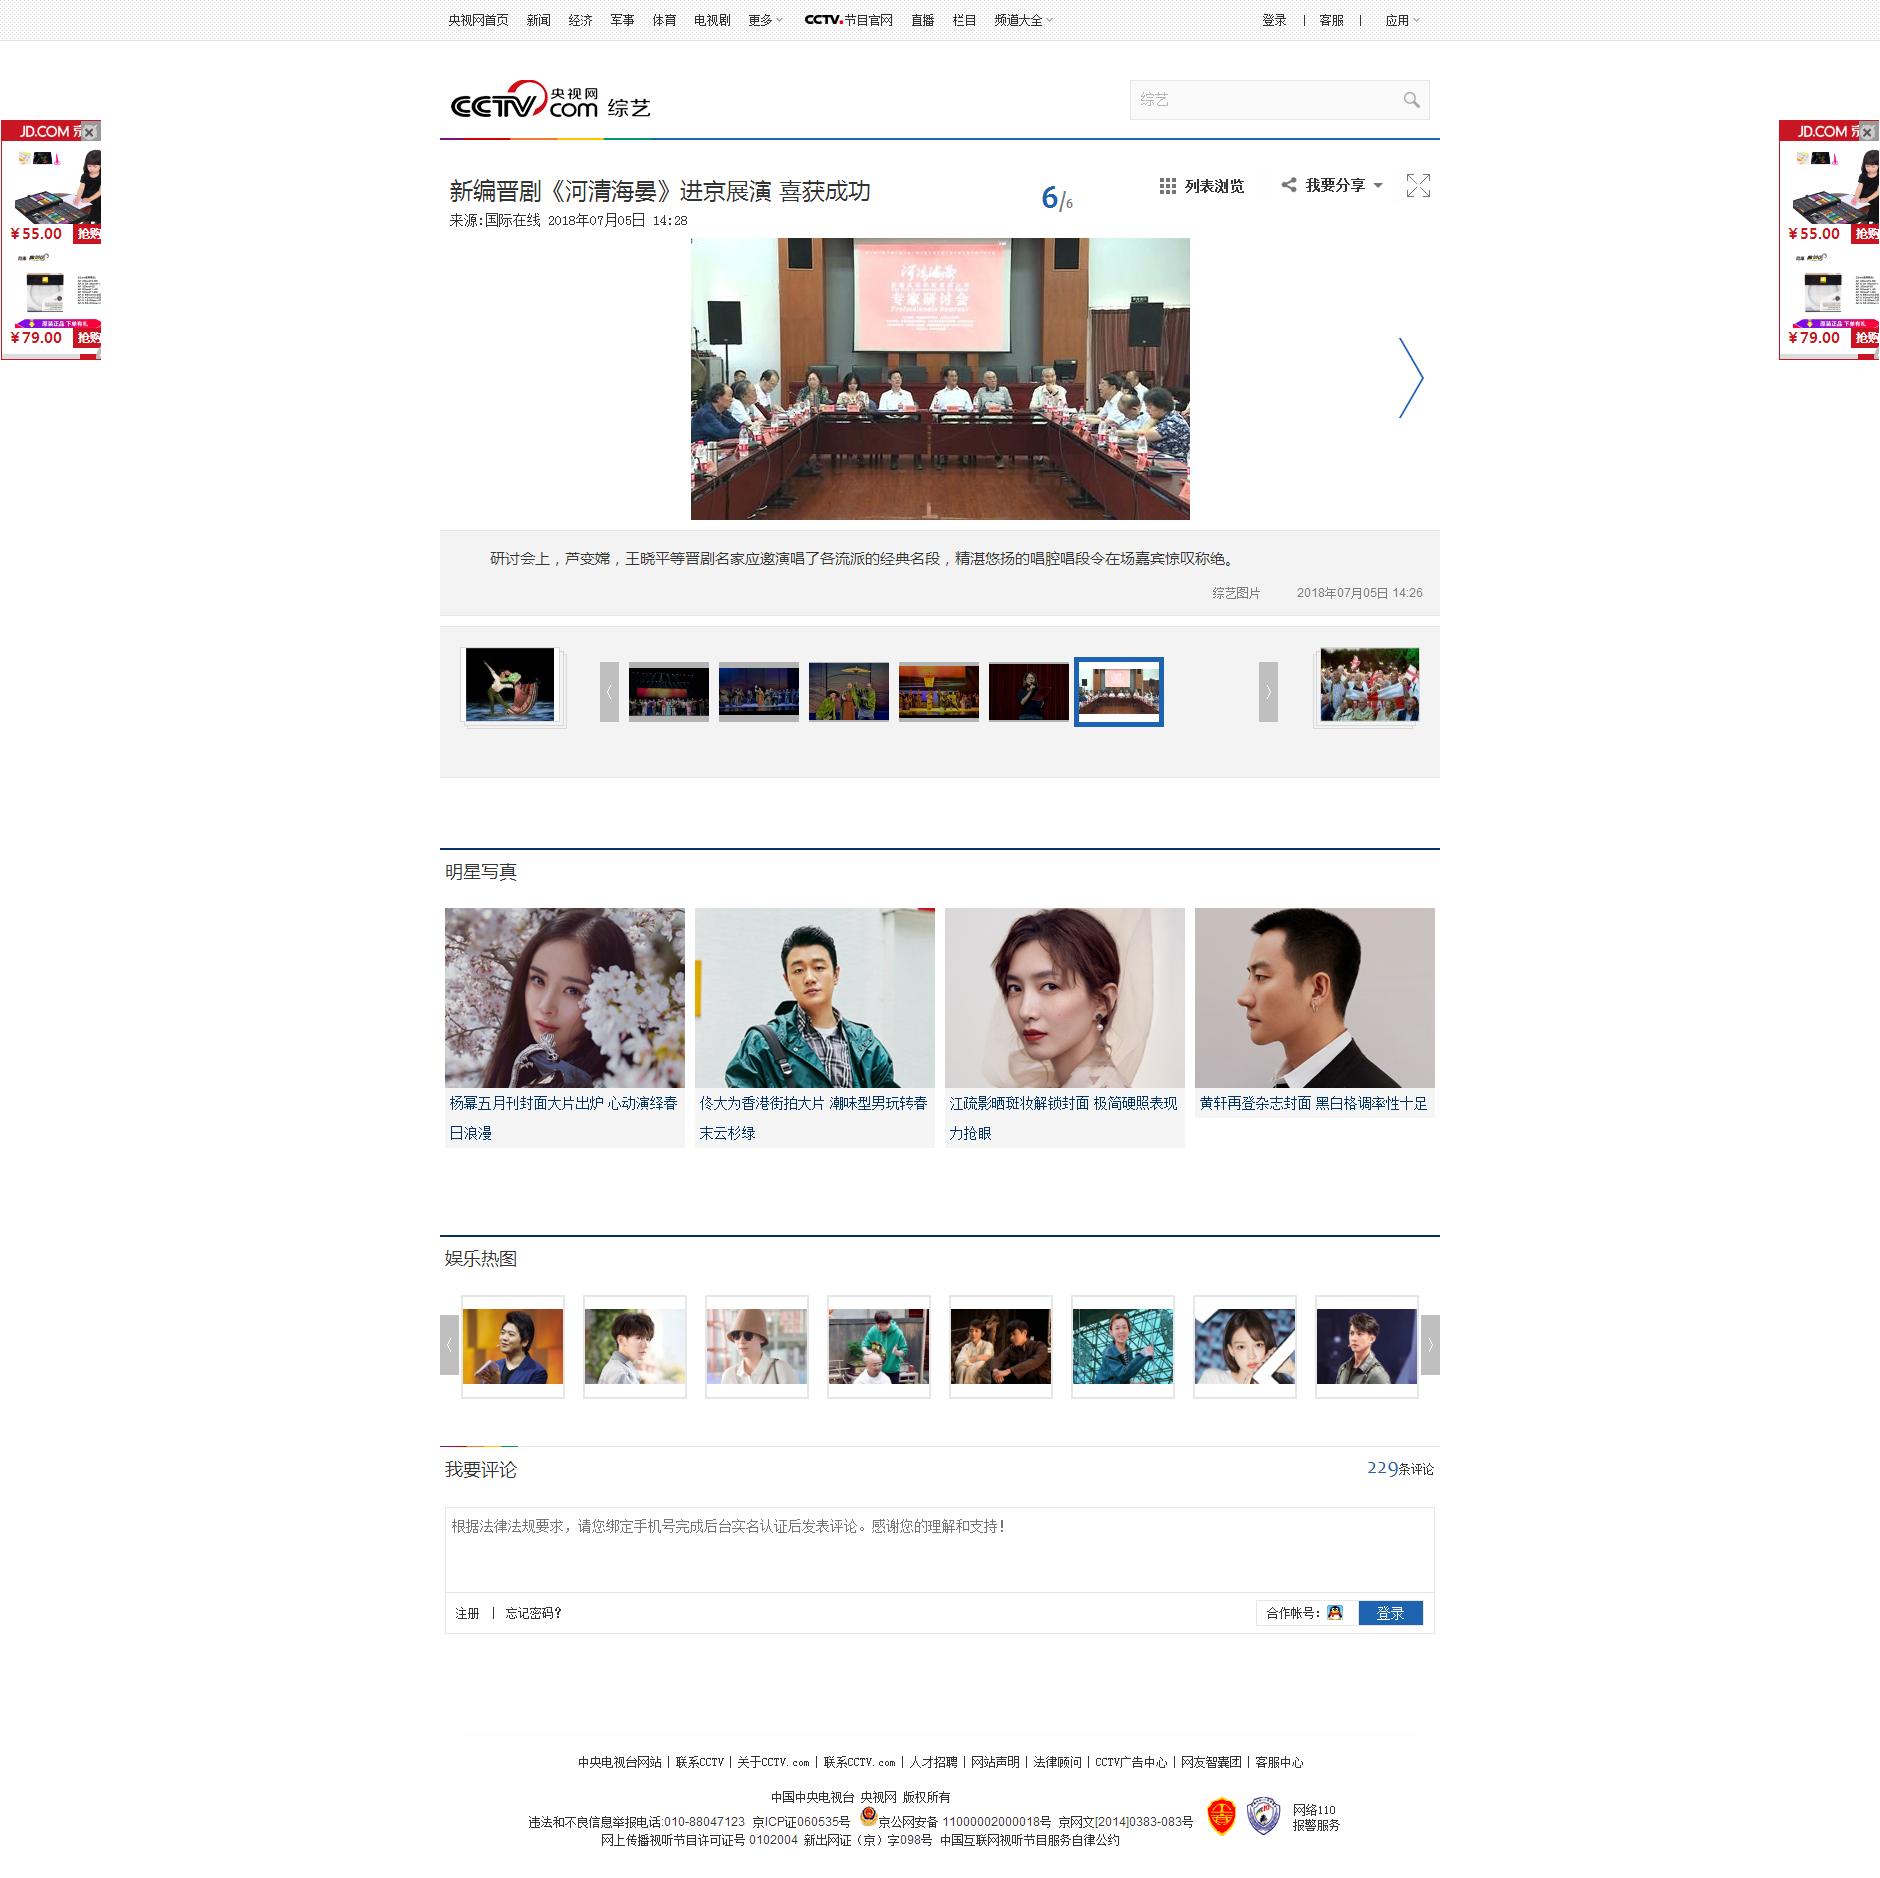 央视网:新编反腐晋剧《河清海晏》精彩纷呈,喜获圆满